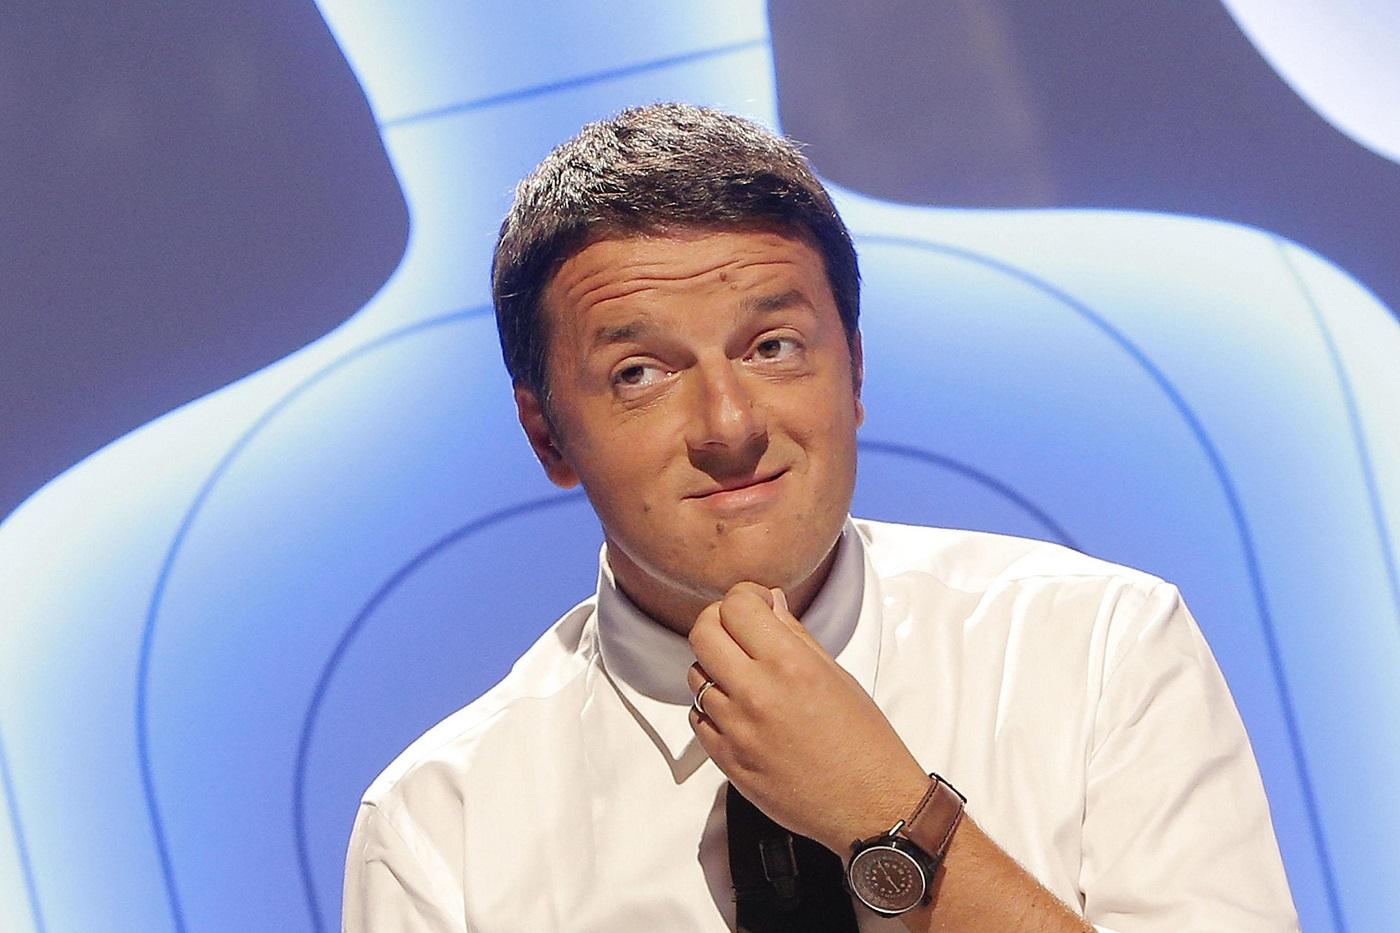 Candidati Pd, Renzi umilia la Tuscia, solo 3 candidati in posizioni sfavorevoli: così è se vi pare